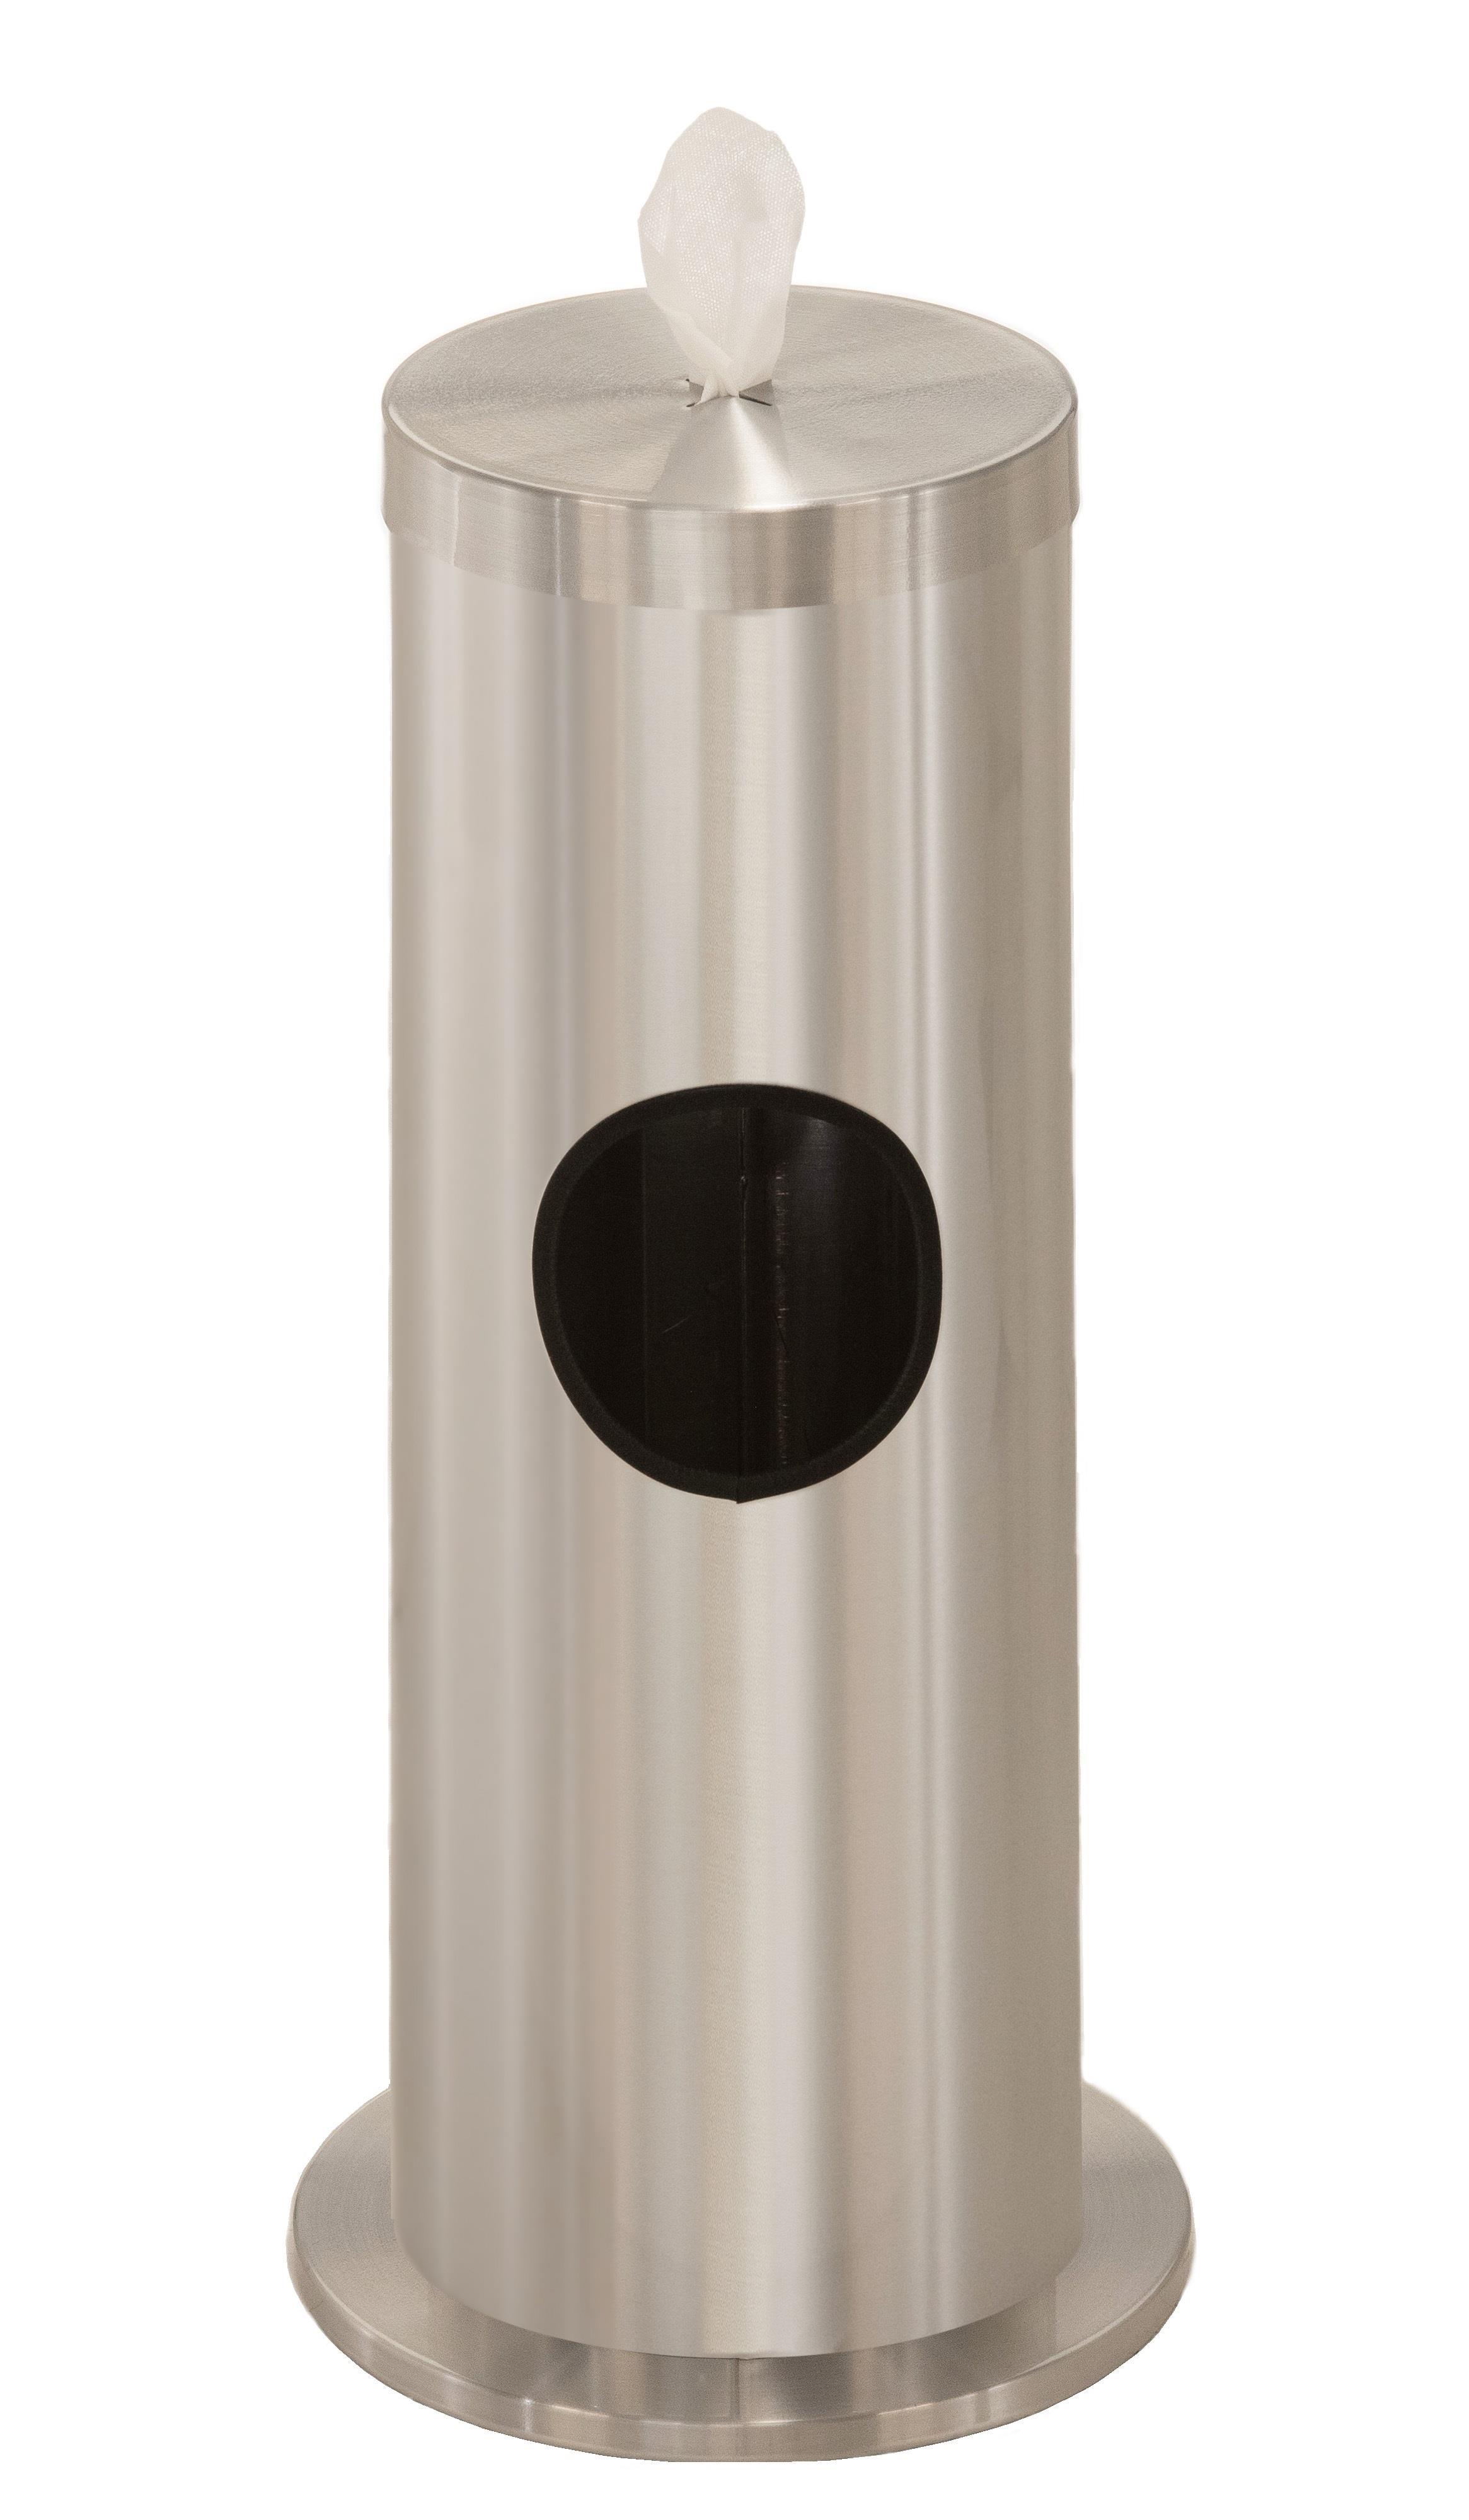 Disinfectant Wipes Startup Kit | Sanitizing Wipe Dispenser